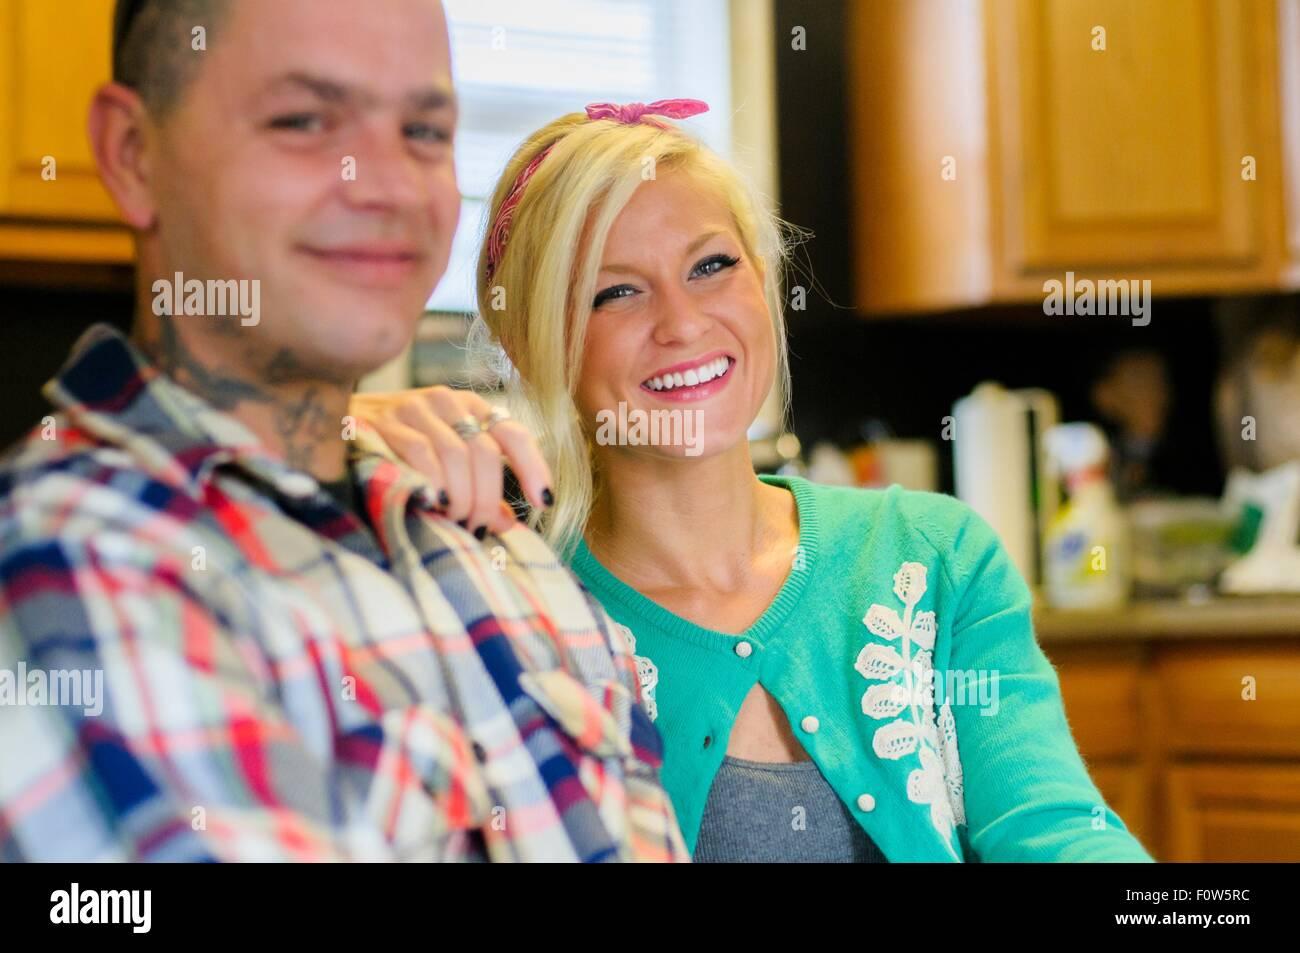 Giovane donna con la mano sull'uomo della spalla, sorridente Immagini Stock